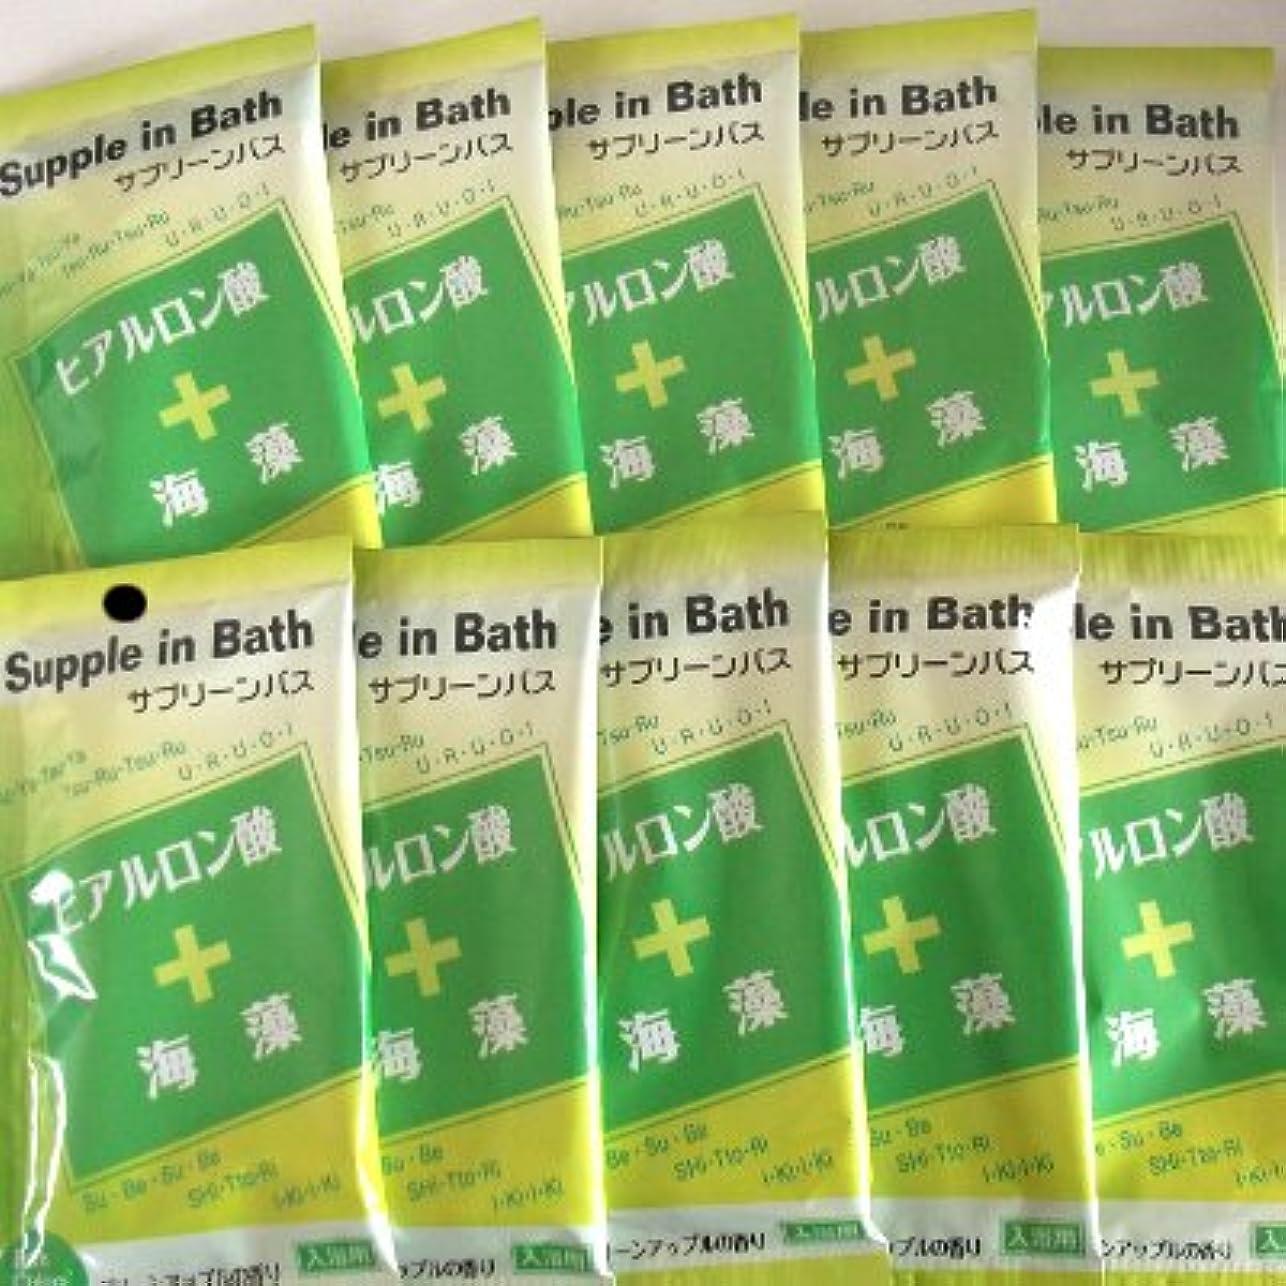 祝う実験をする流産サプリーンバス ヒアルロン酸+海藻 10包セット